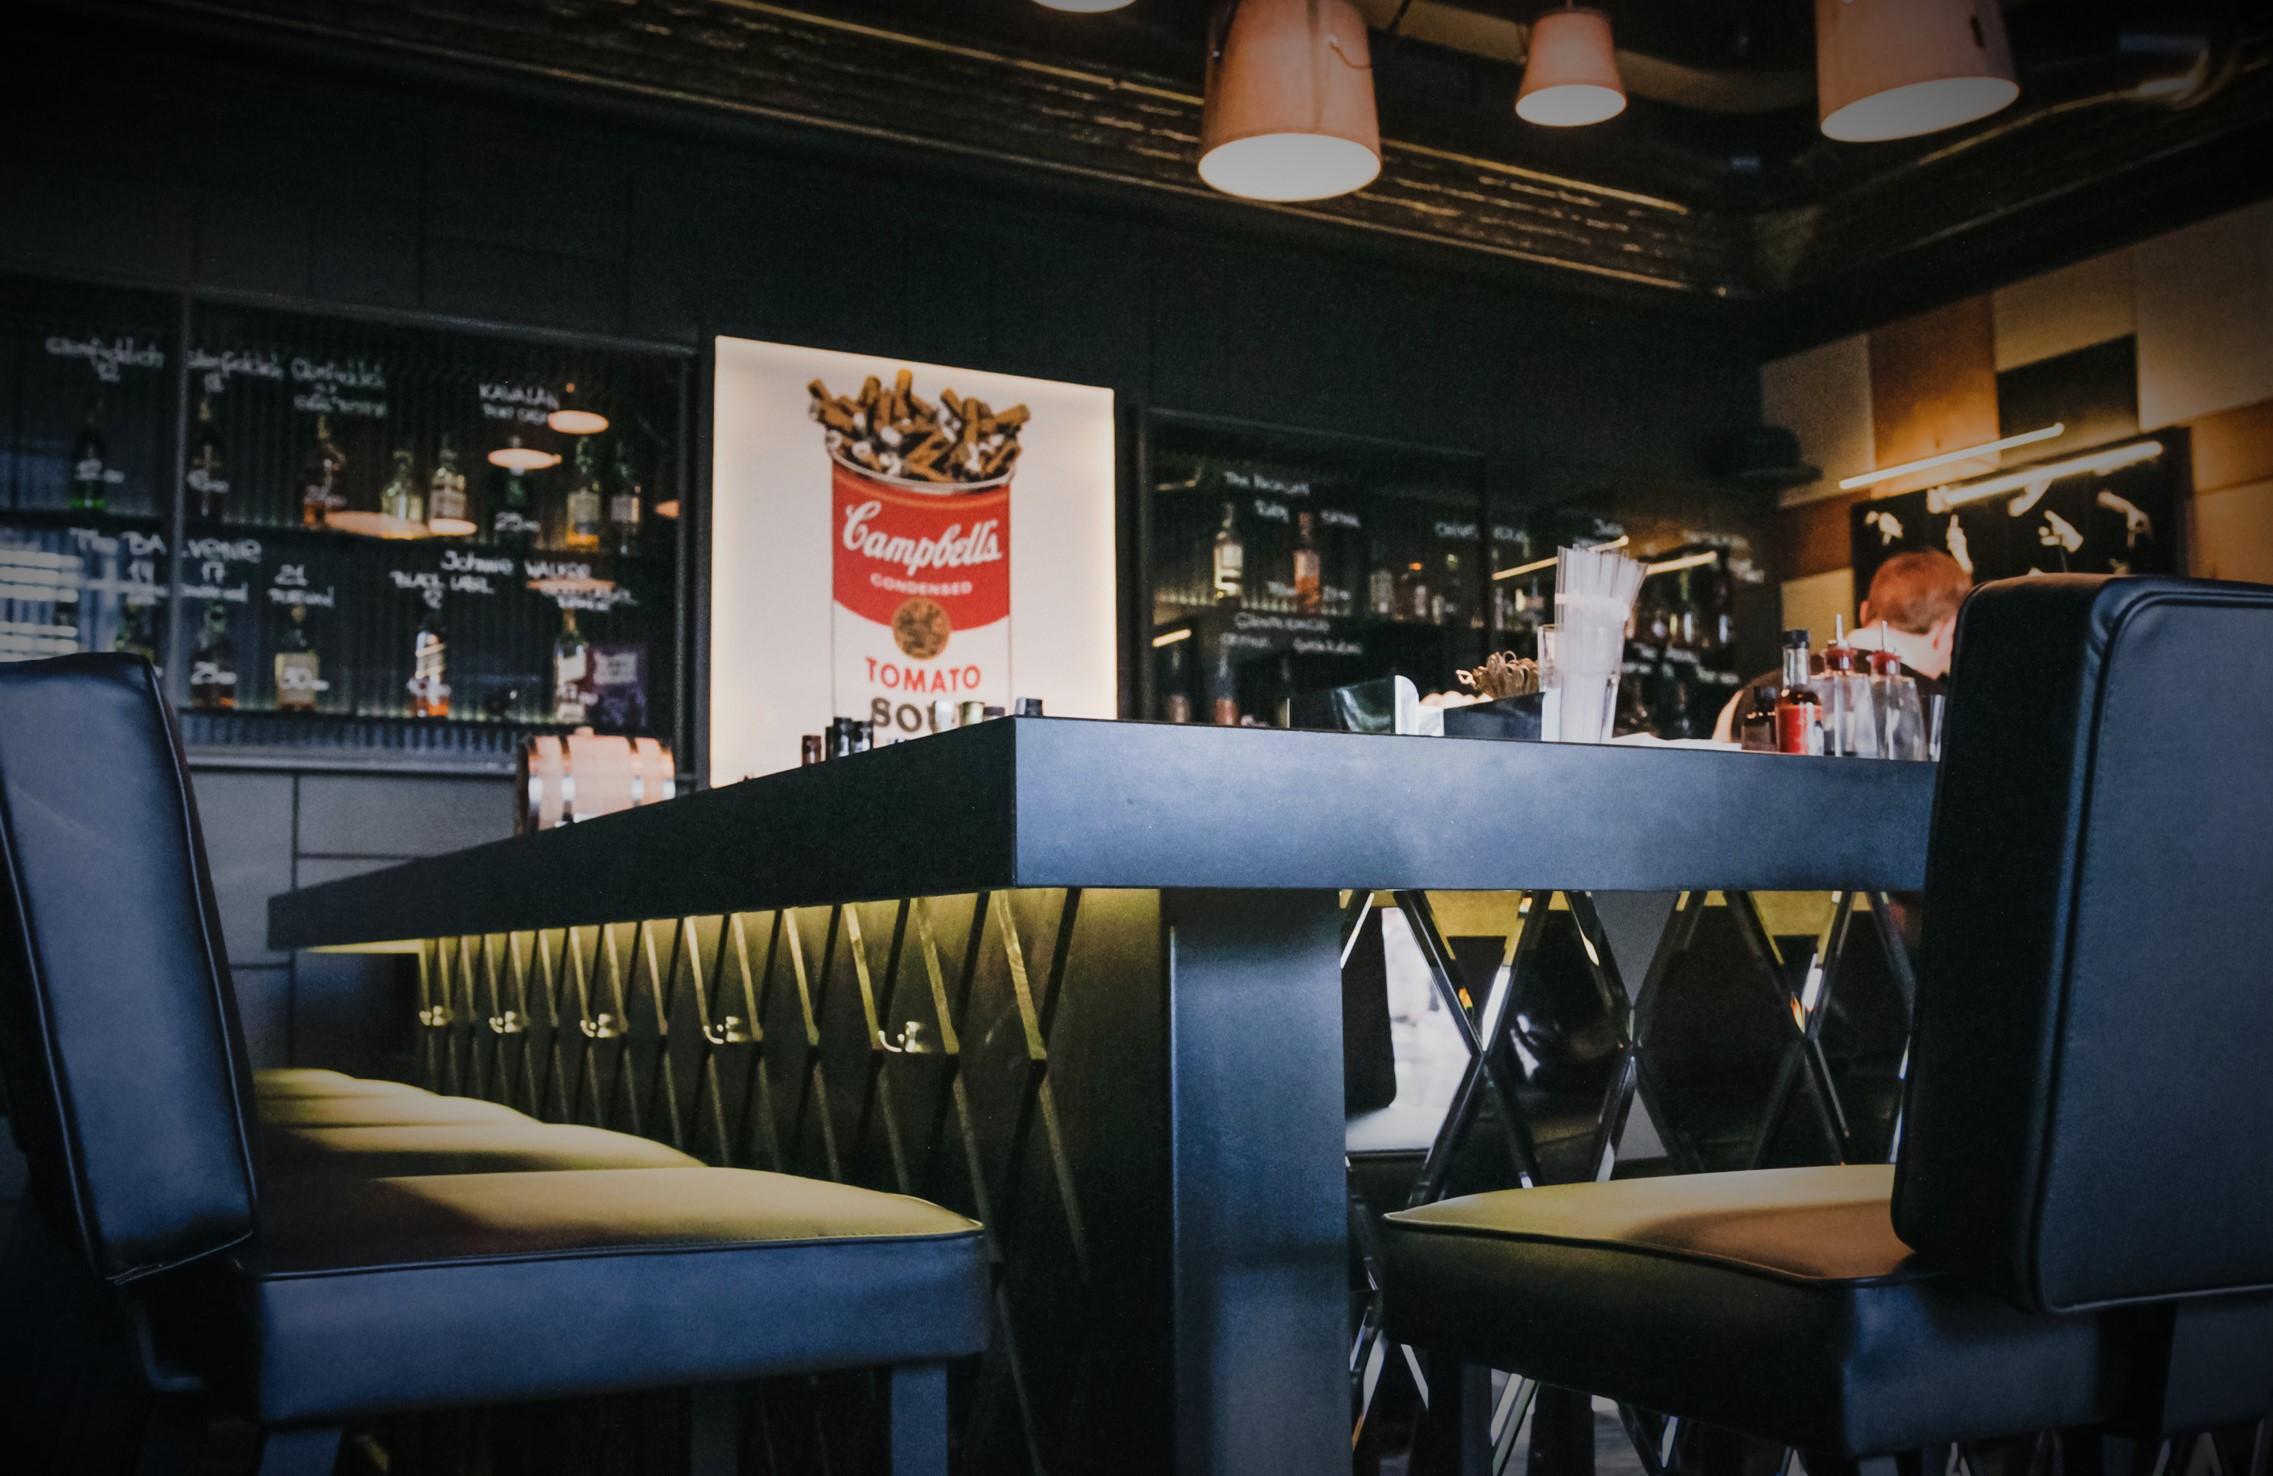 Рестобар у Исаакиевского: с лицензией на алкоголь